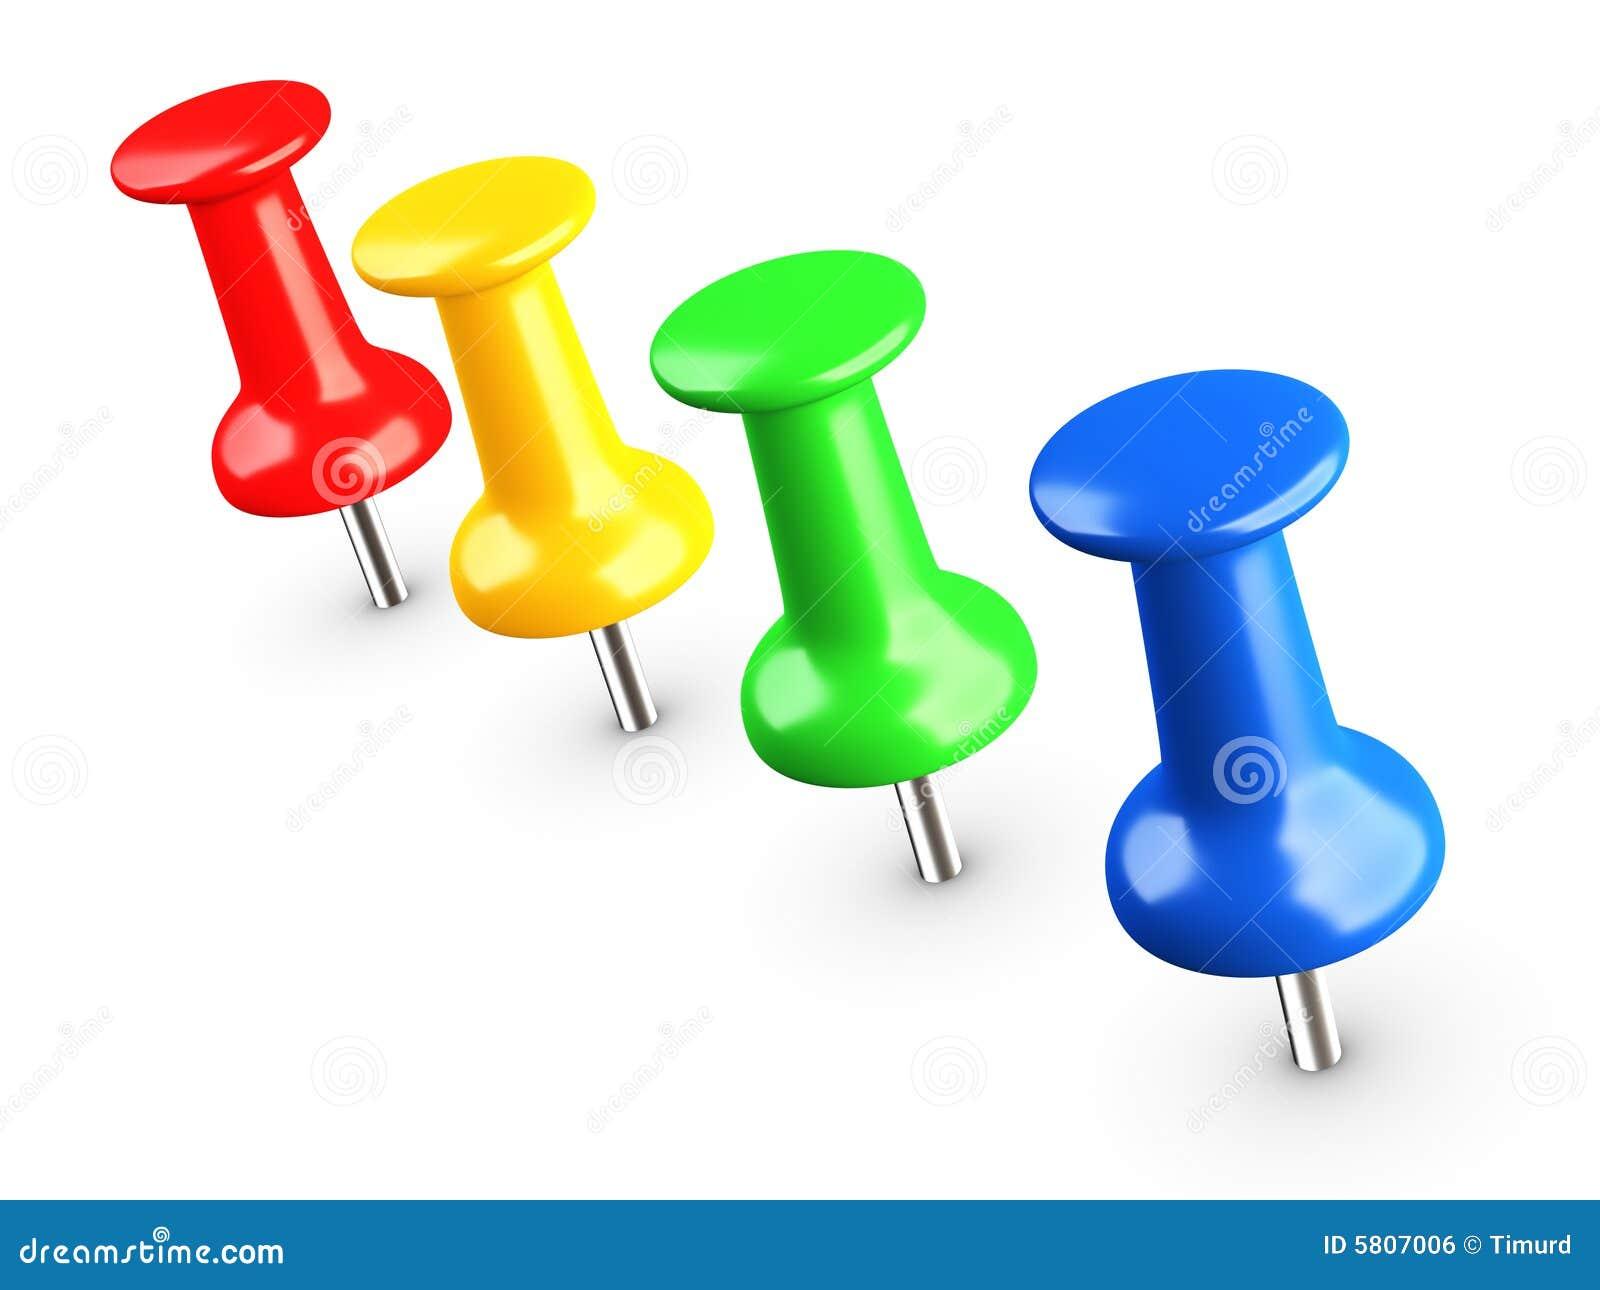 Colored thumbtacks, pin